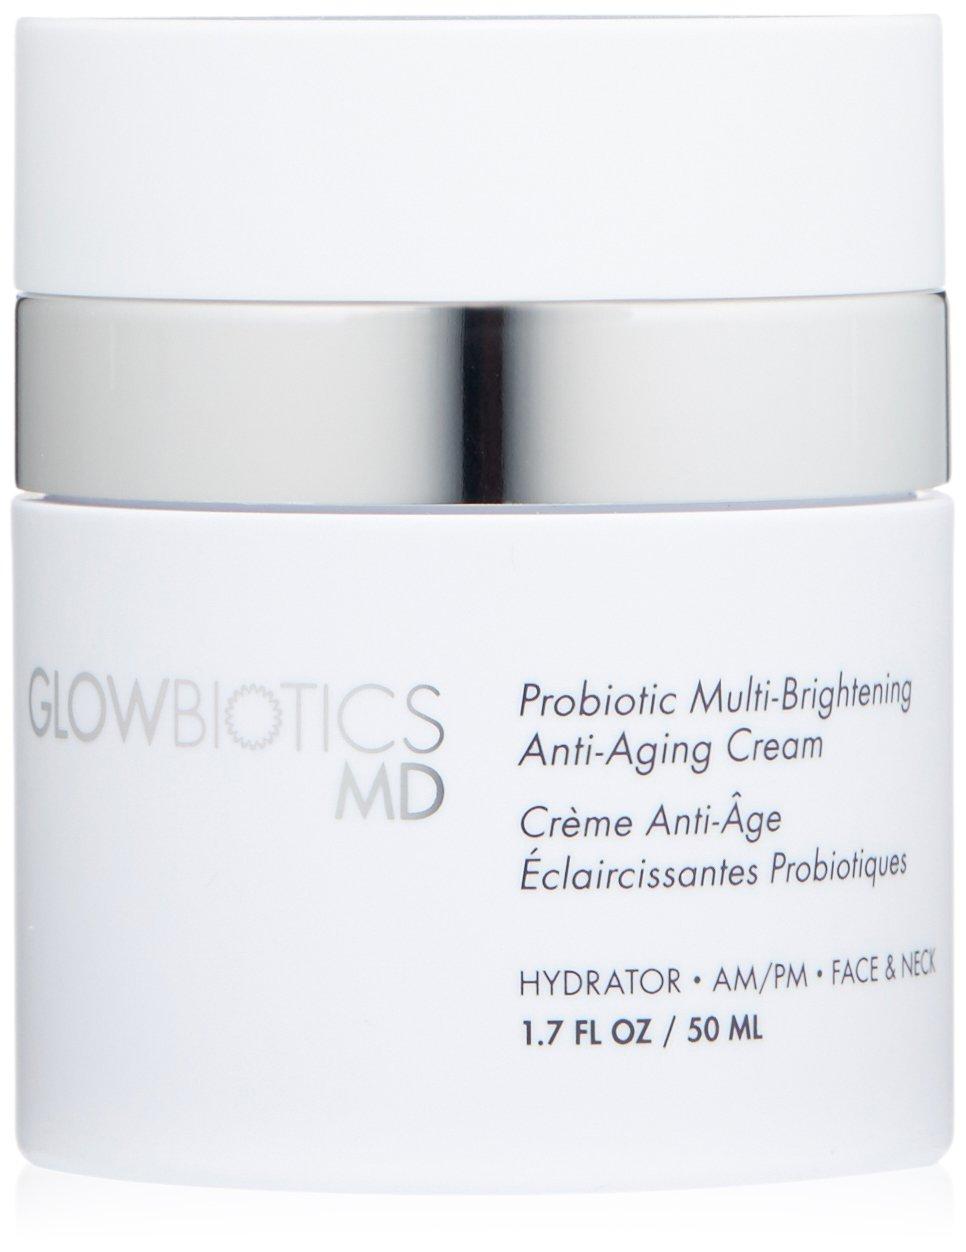 Glowbiotics MD Probiotic Multi,Brightening Anti-Aging Cream, 1.7 Fl Oz